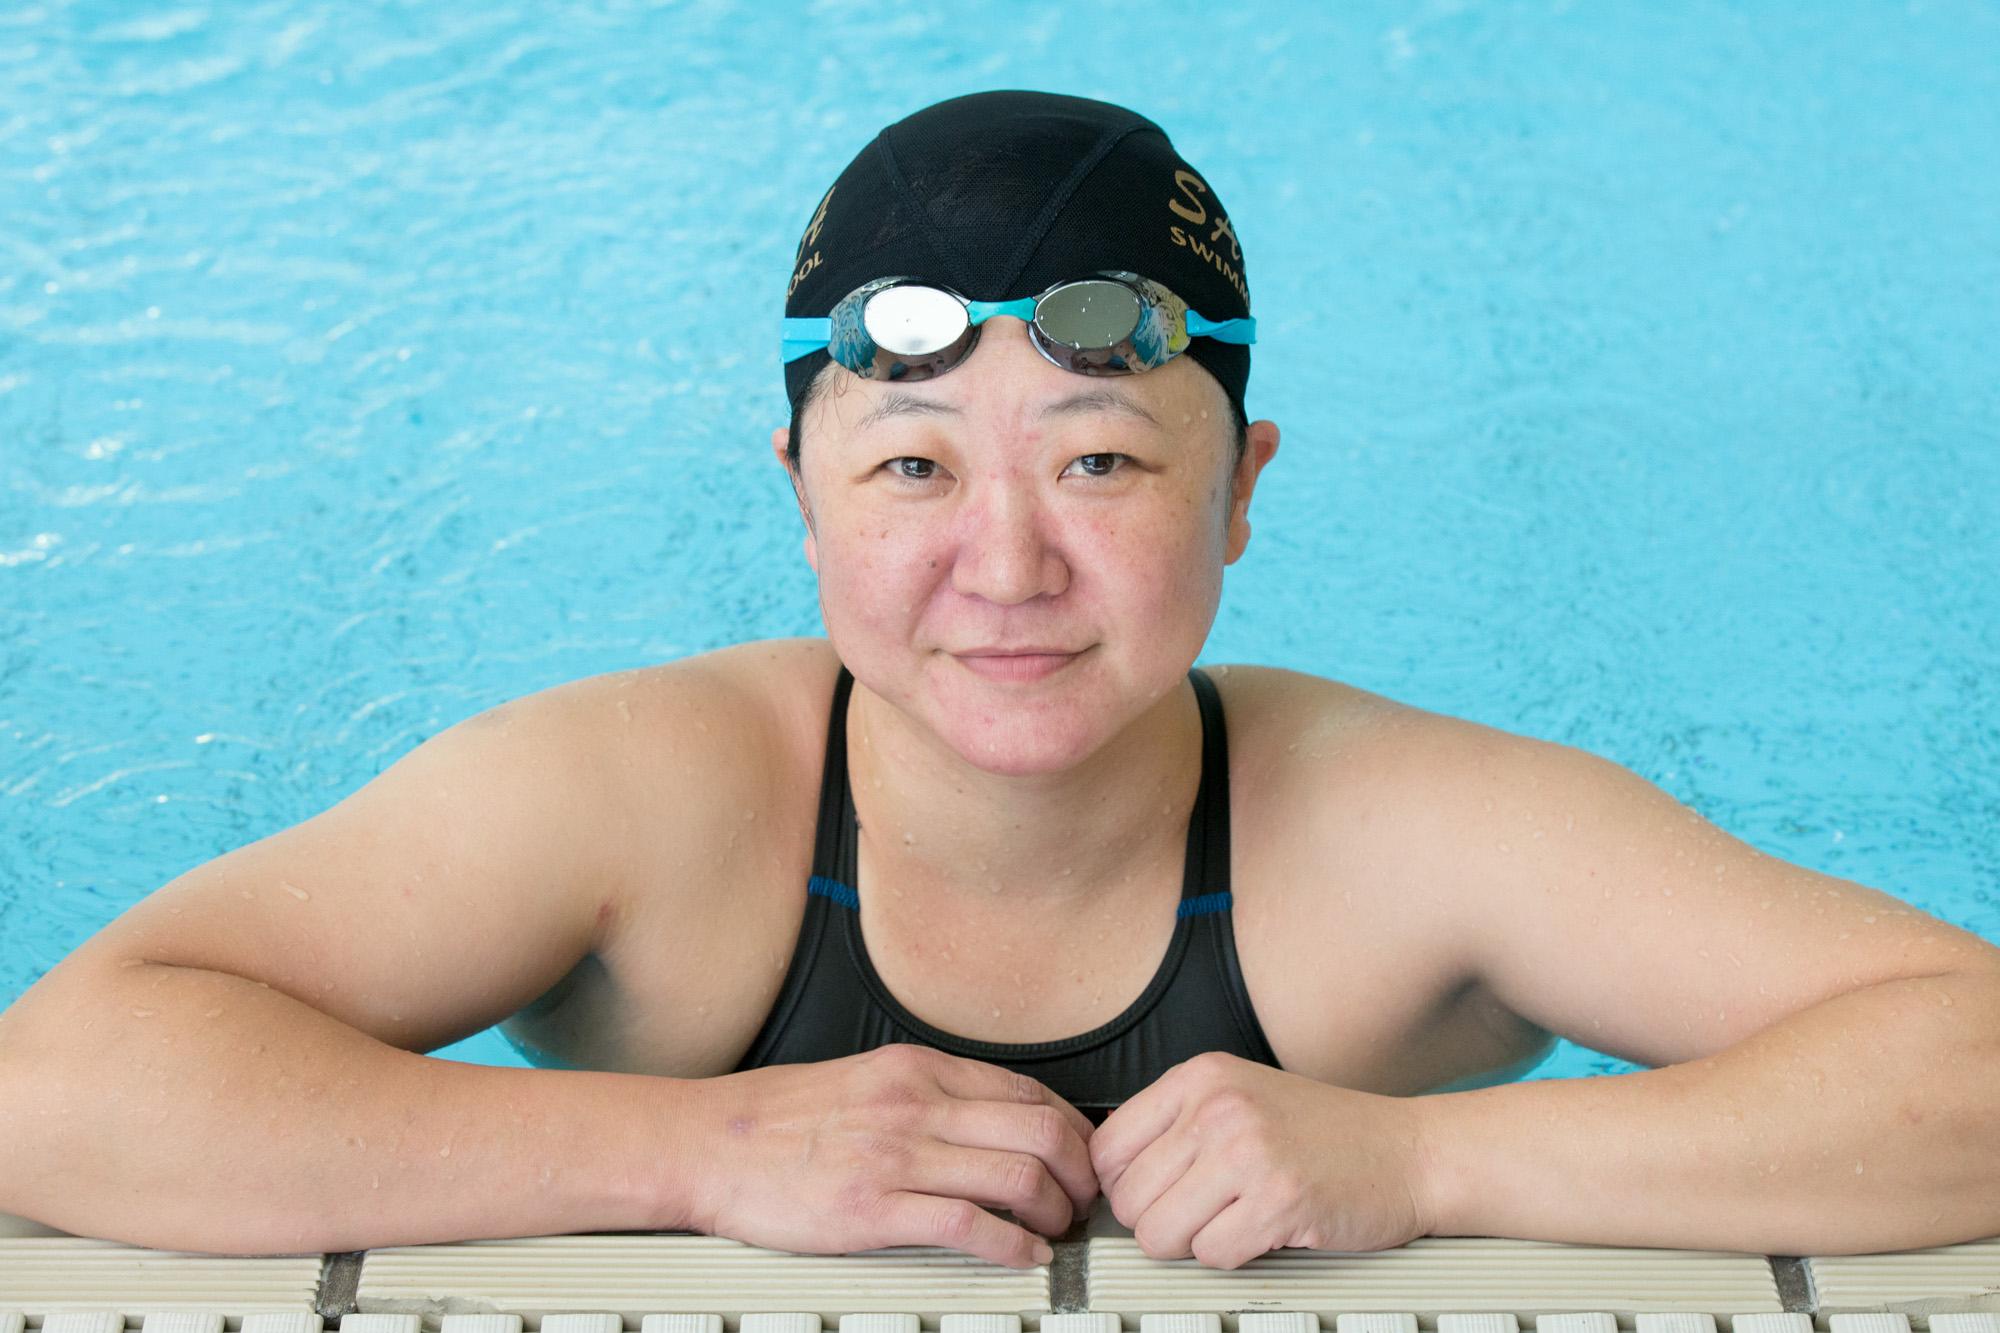 競技復帰前も生活の一部として泳ぎ続けていた。写真は2014年9月(撮影:越智貴雄)